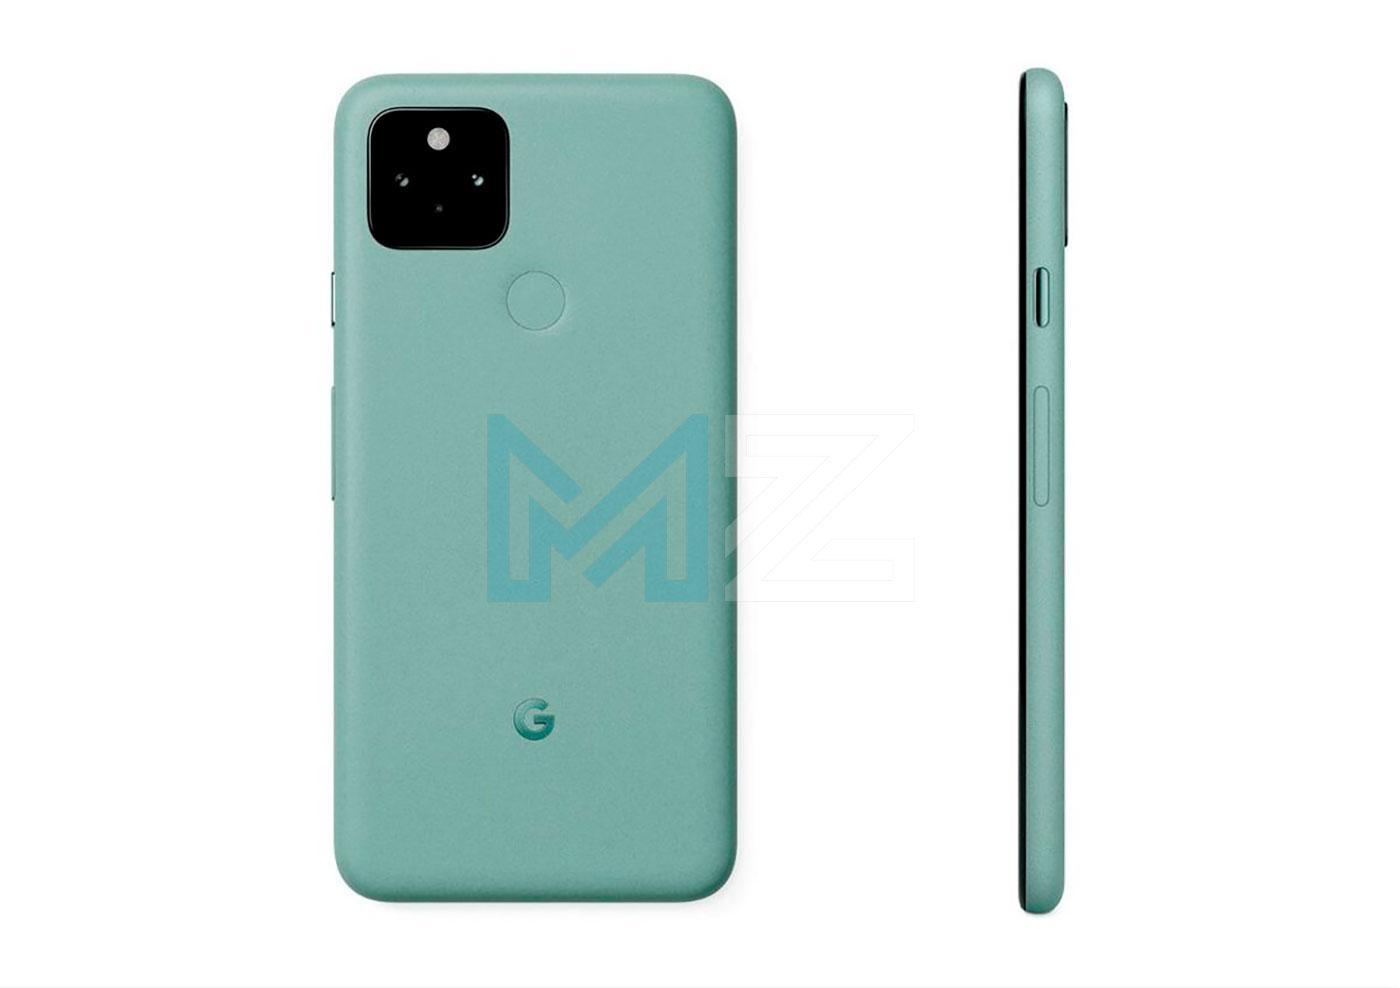 Google Pixel 5a color